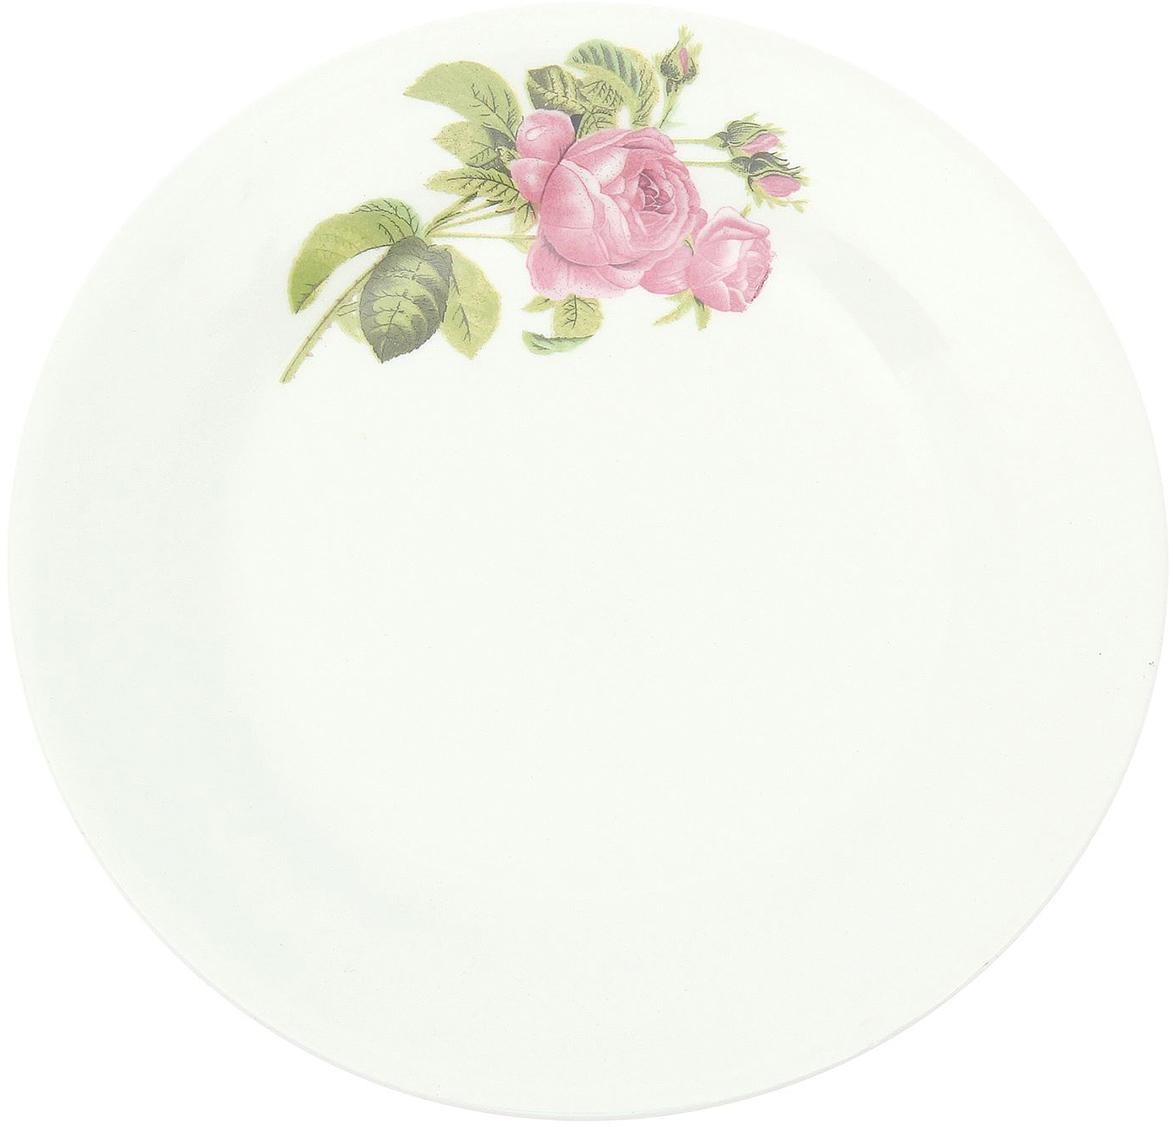 Тарелка мелкая Керамика ручной работы Роза Кавказа, диаметр 20 см2004014Данная тарелка понравится любителям вкусной и полезной домашней пищи. Такая посуда практична и красива, в ней можно хранить и подавать разнообразные блюда. При многократном использовании изделие сохранит свой вид и выдержит мытье в посудомоечной машине. В керамической емкости горячая пища долго сохраняет свое тепло, остуженные блюда остаются прохладными. Изделие не выделяет вредных веществ при нагревании и длительном хранении за счет экологичности материала.